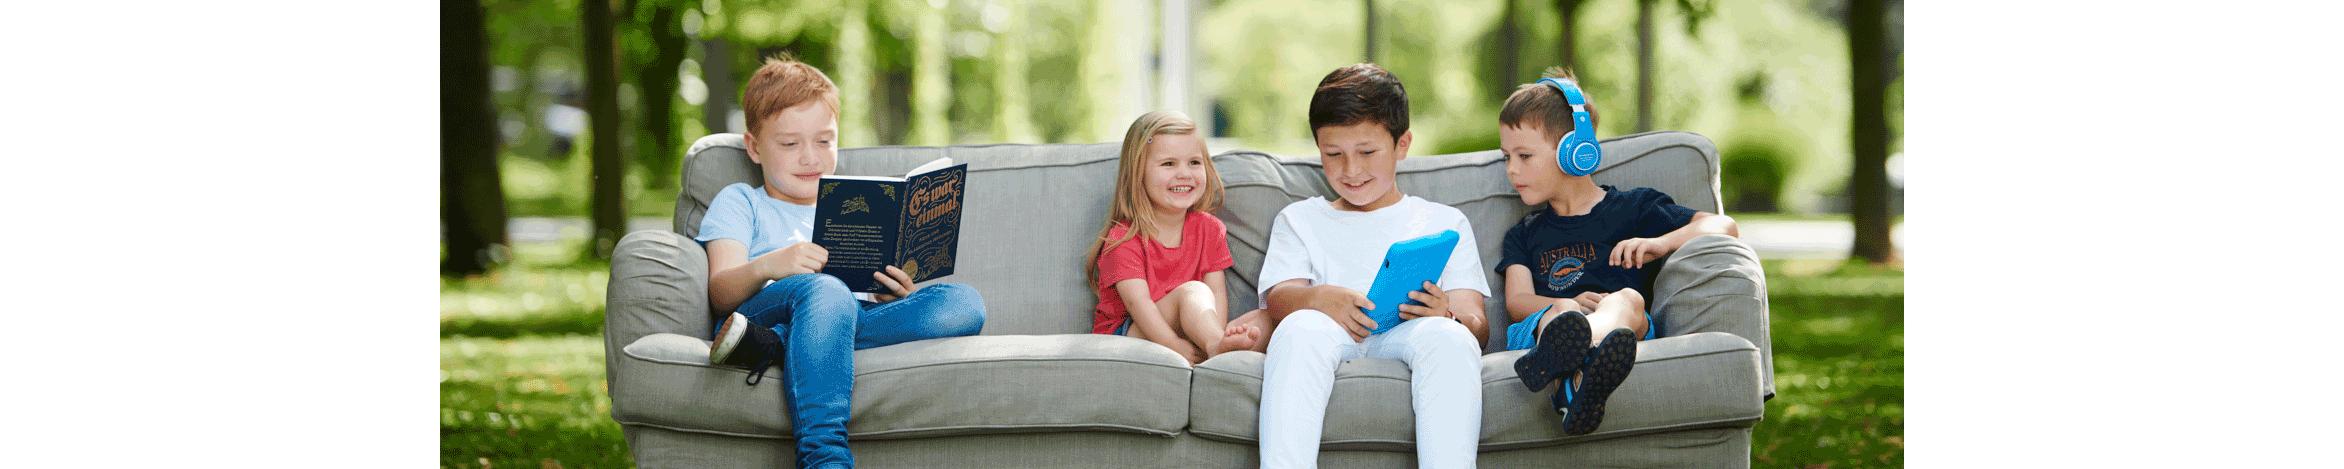 Wir lieben Lesen in allen Formaten